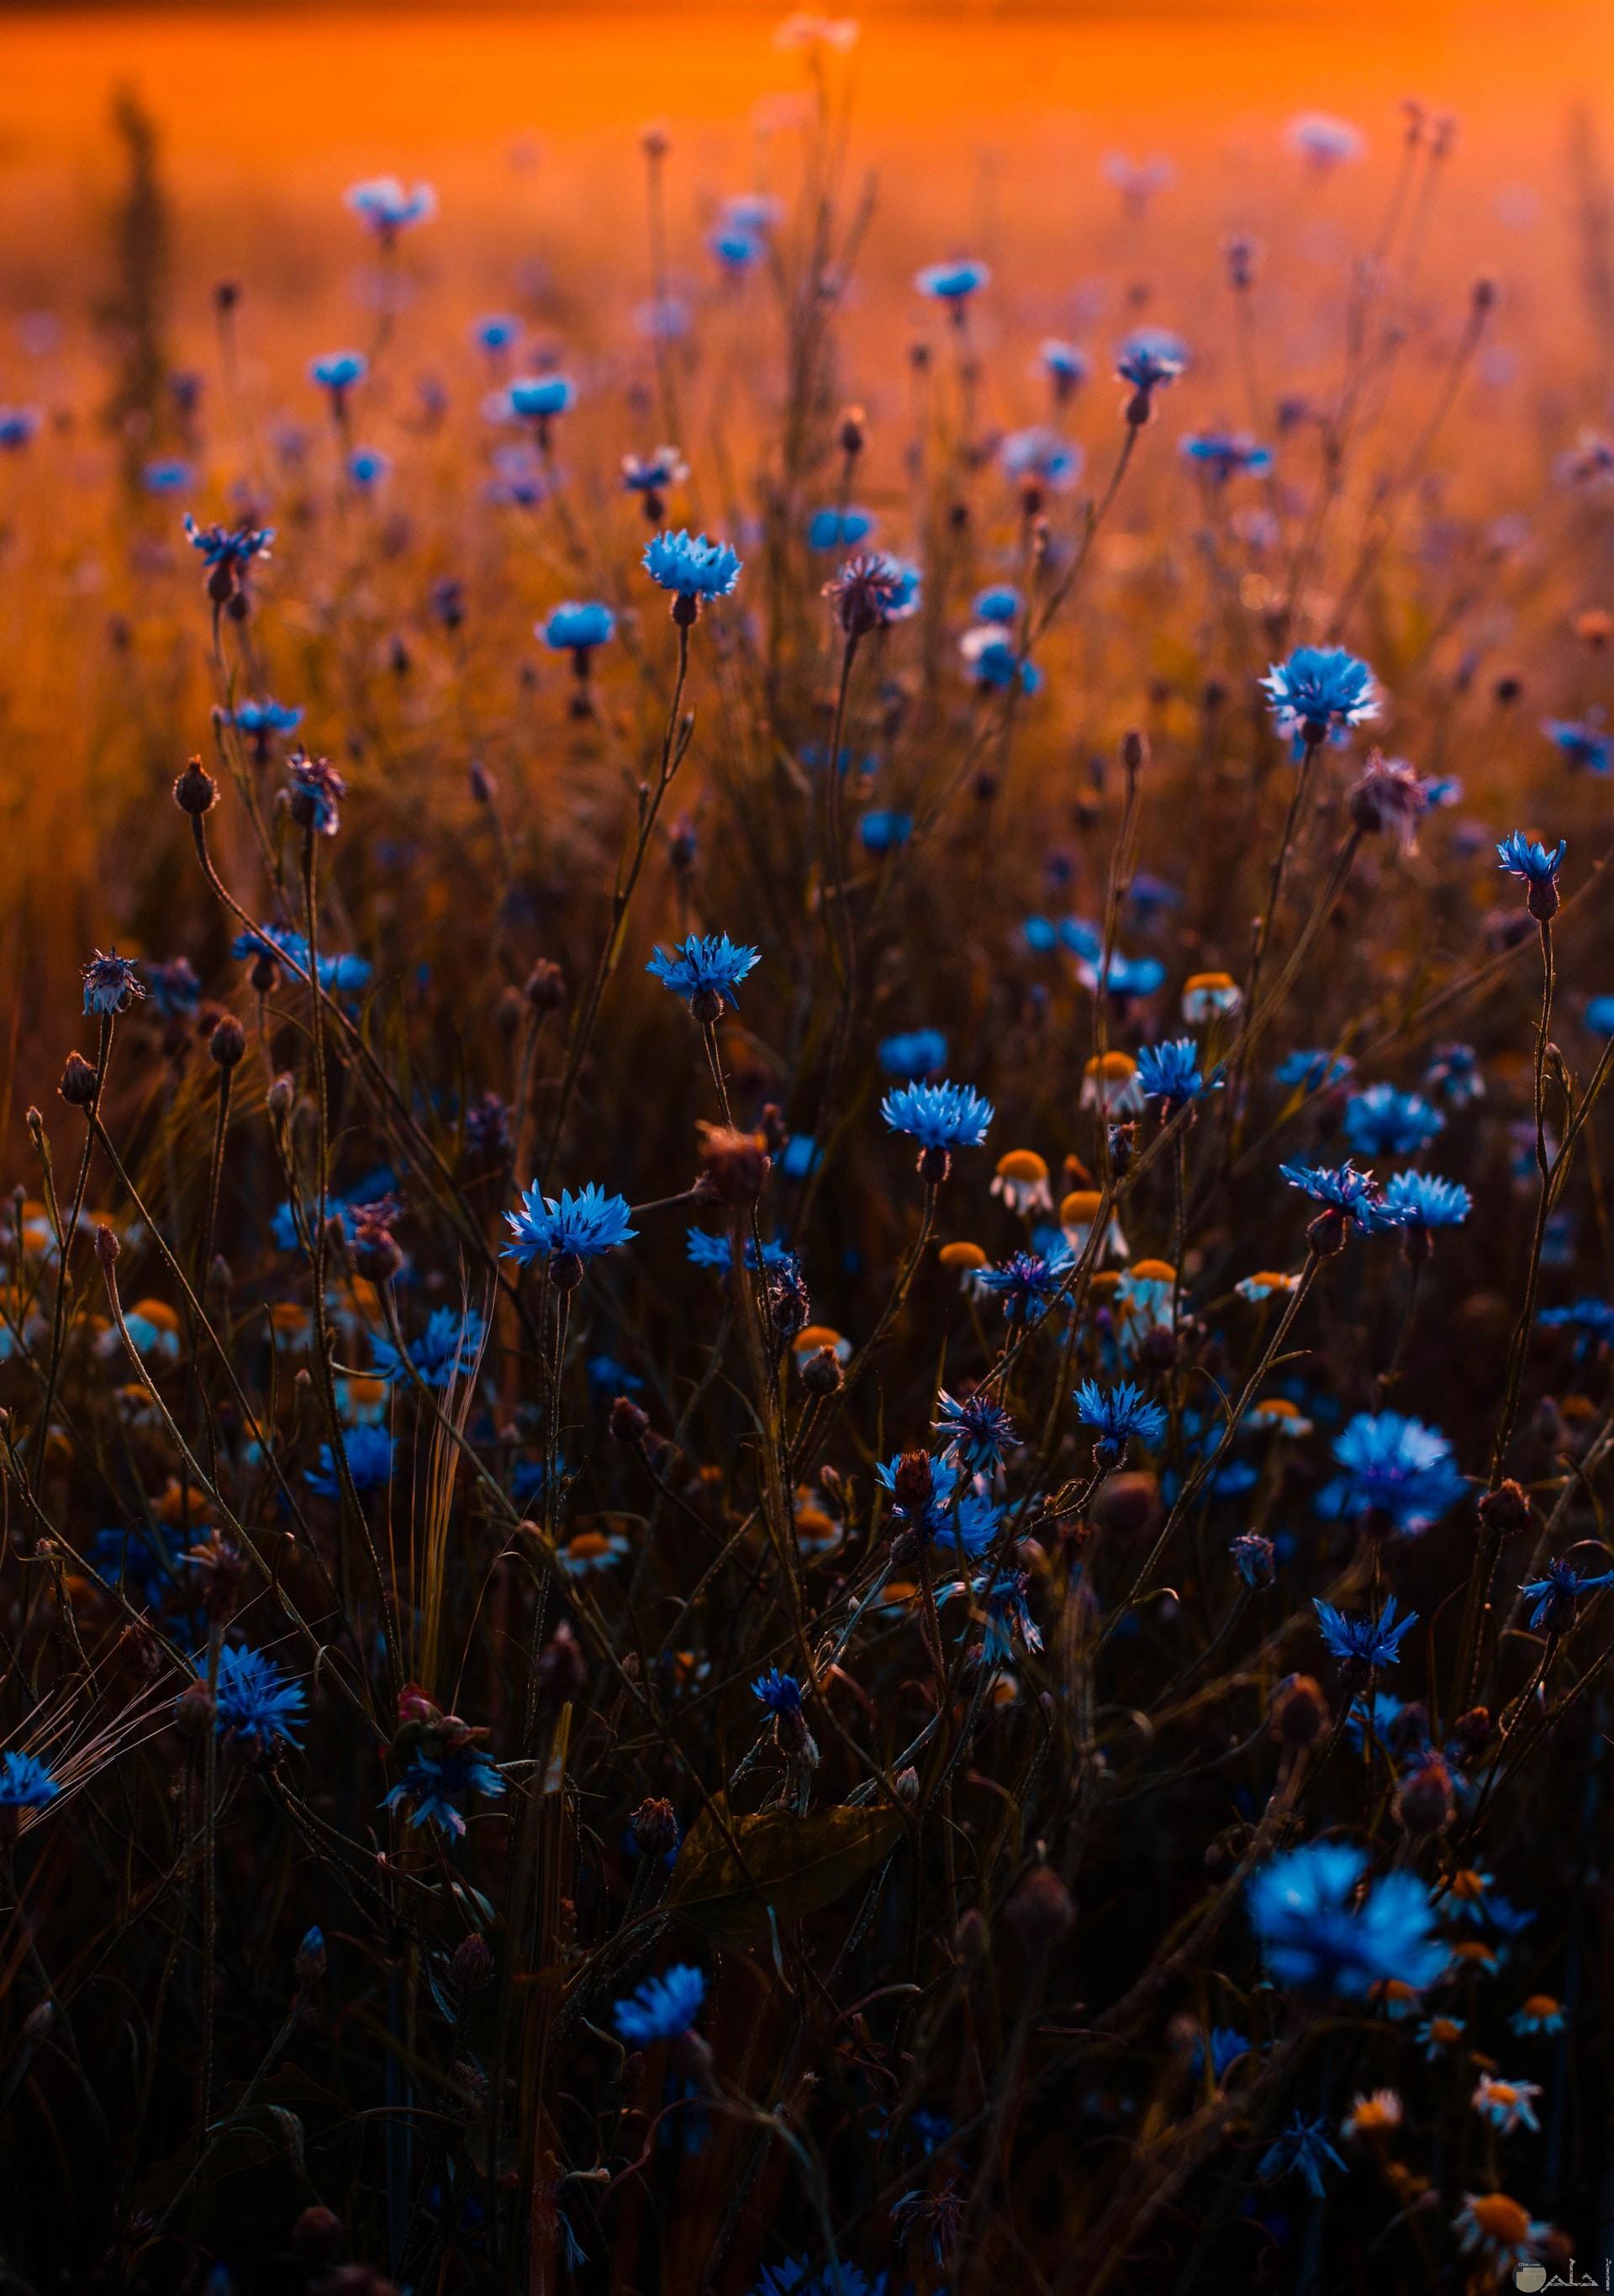 صورة مميزة للورود الزرقاء الجميلة في الطبيعة